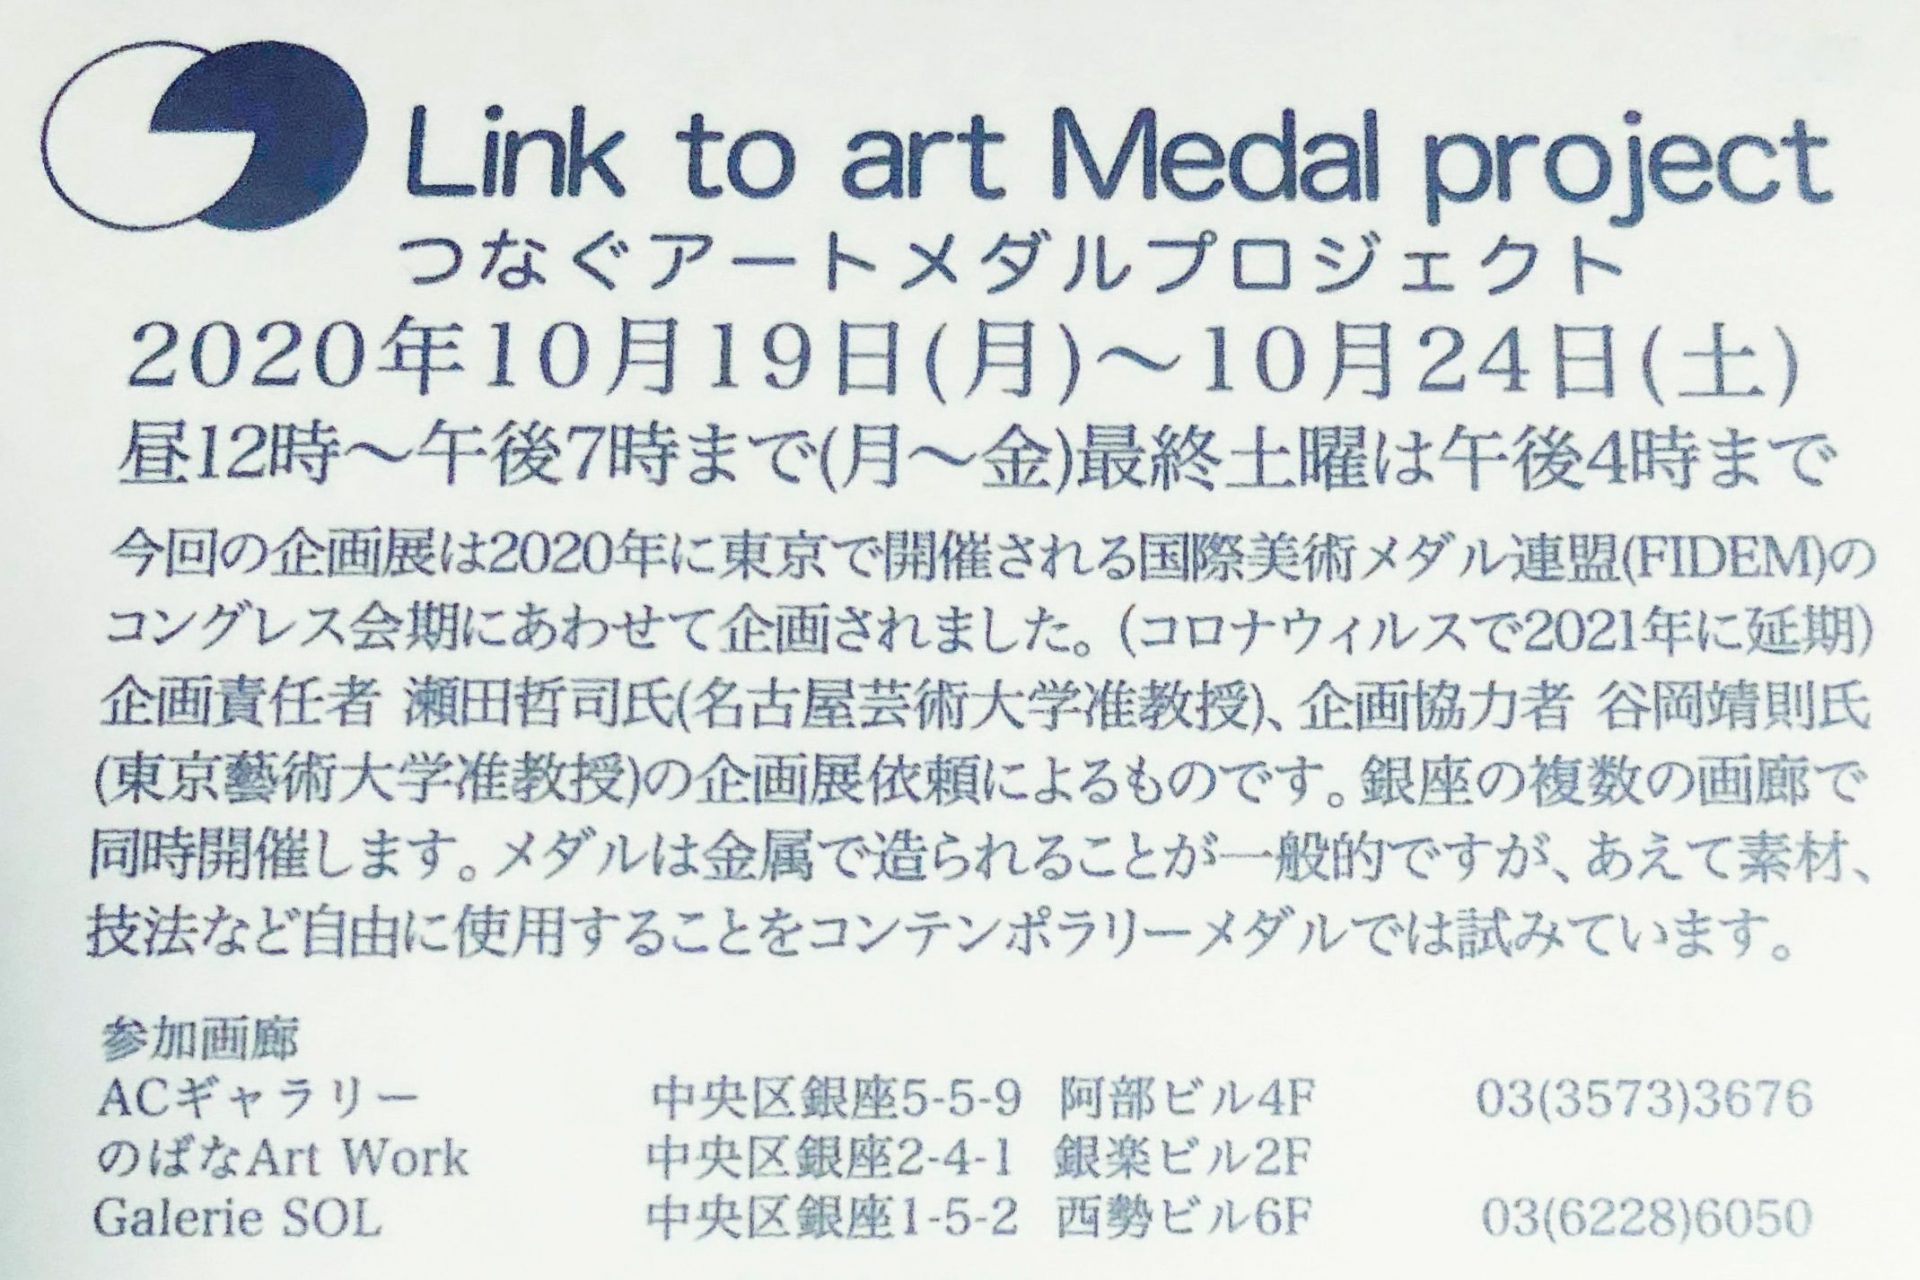 つなぐアートメダルプロジェクト